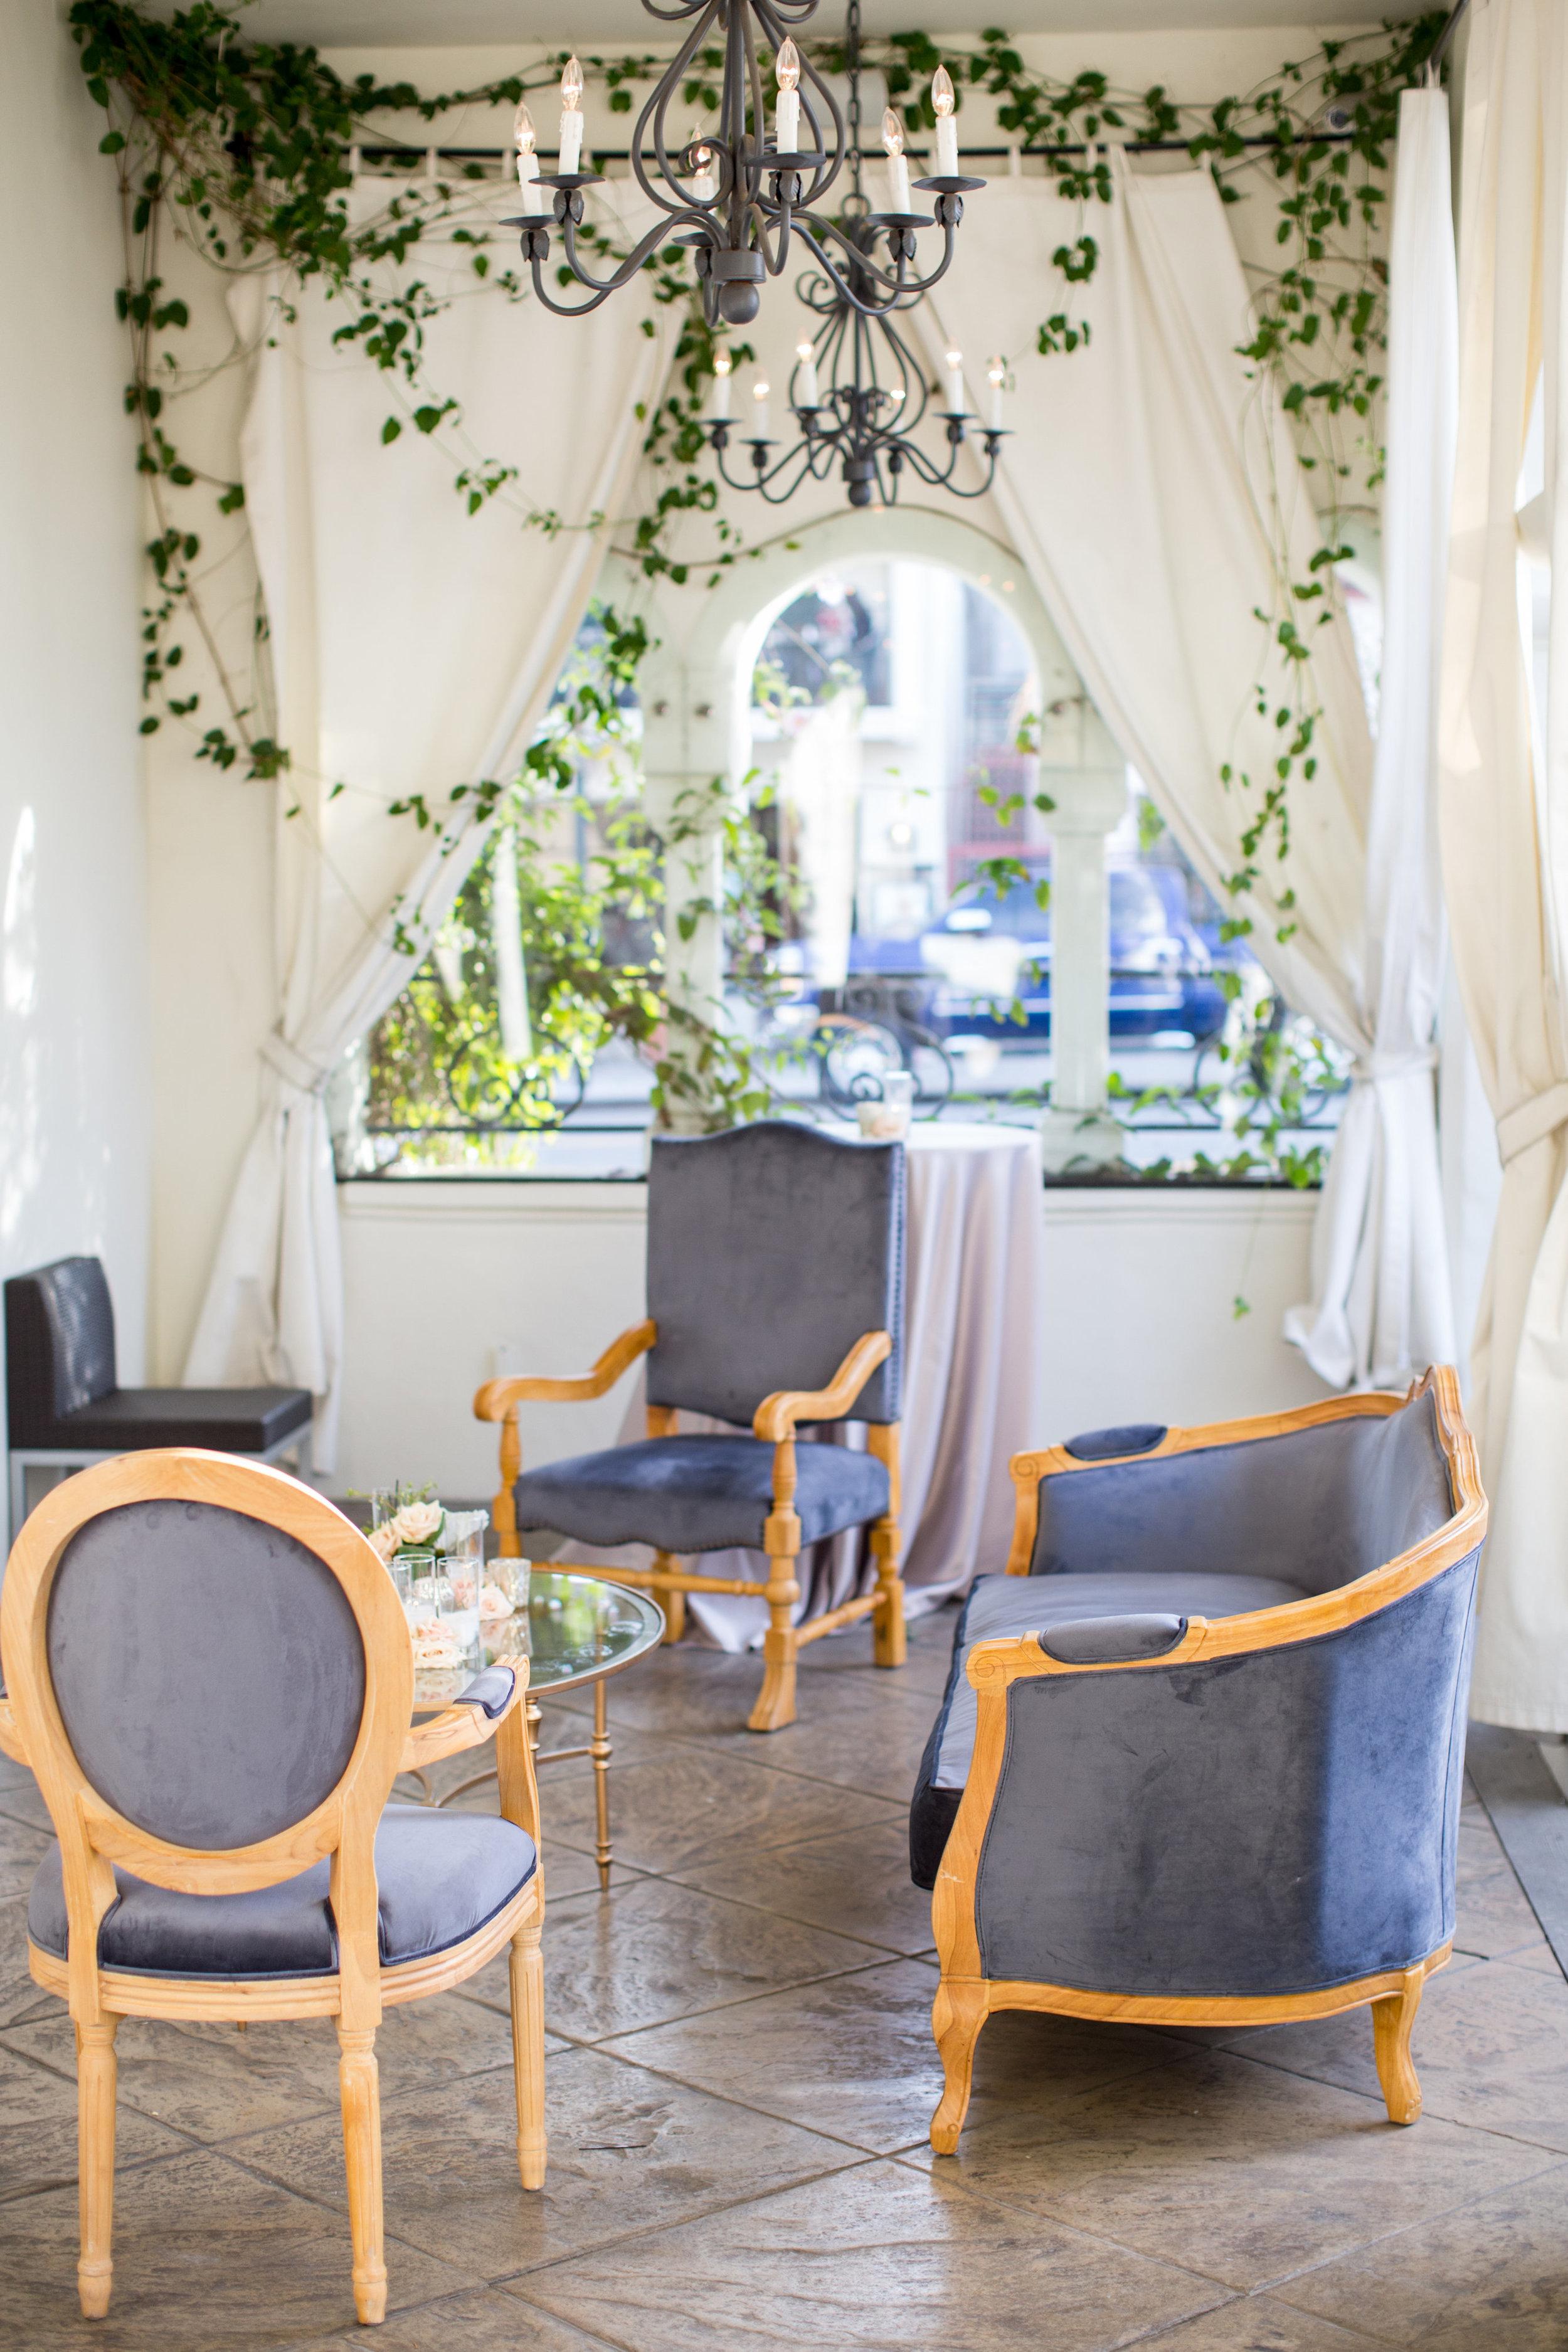 alegria-by-design-wedding-planner-planning-design-event-coordinator-day-of-courthouse-garden-hotel-californian-villa-vine-courtyard (18).jpg